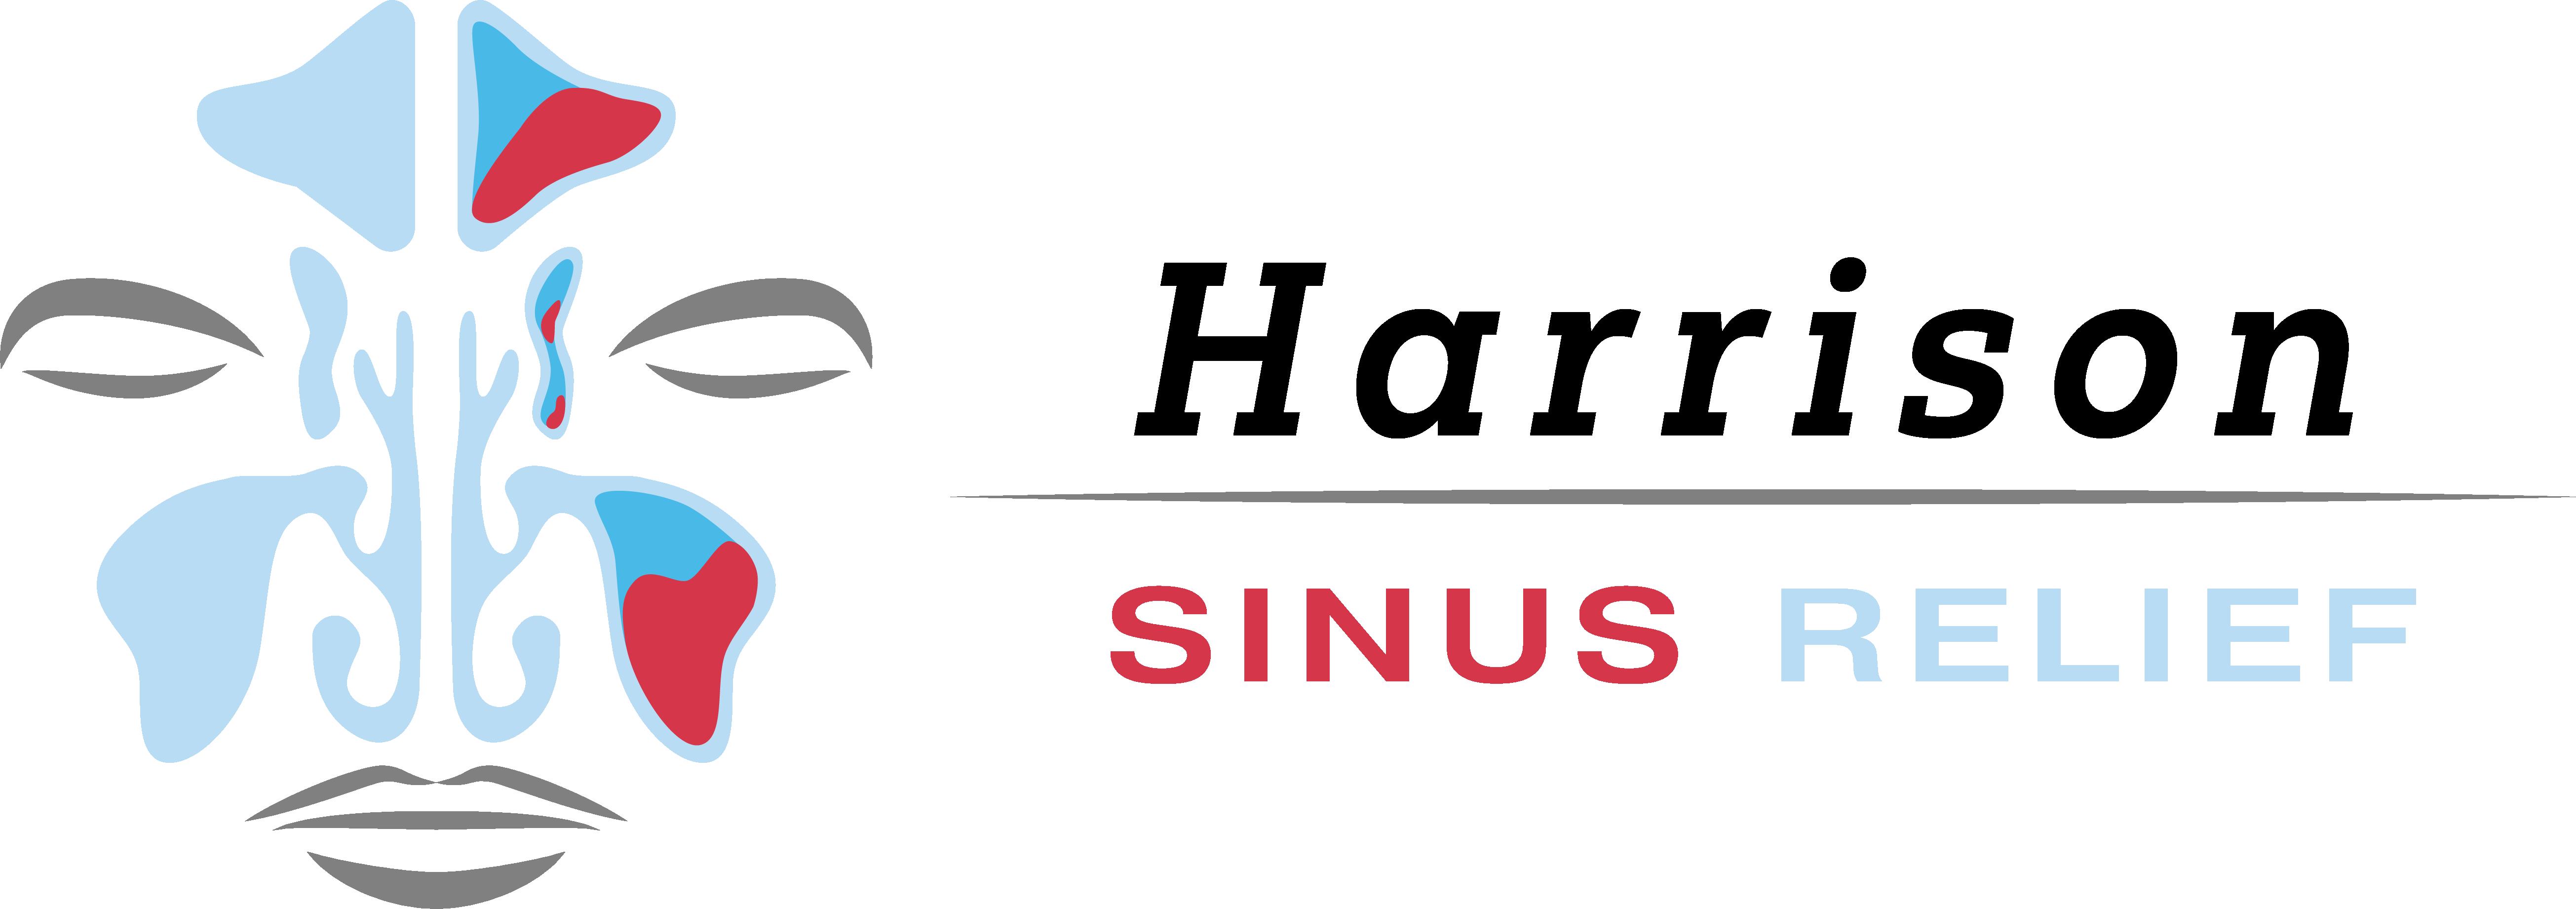 Harrison Sinus Relief brand logo